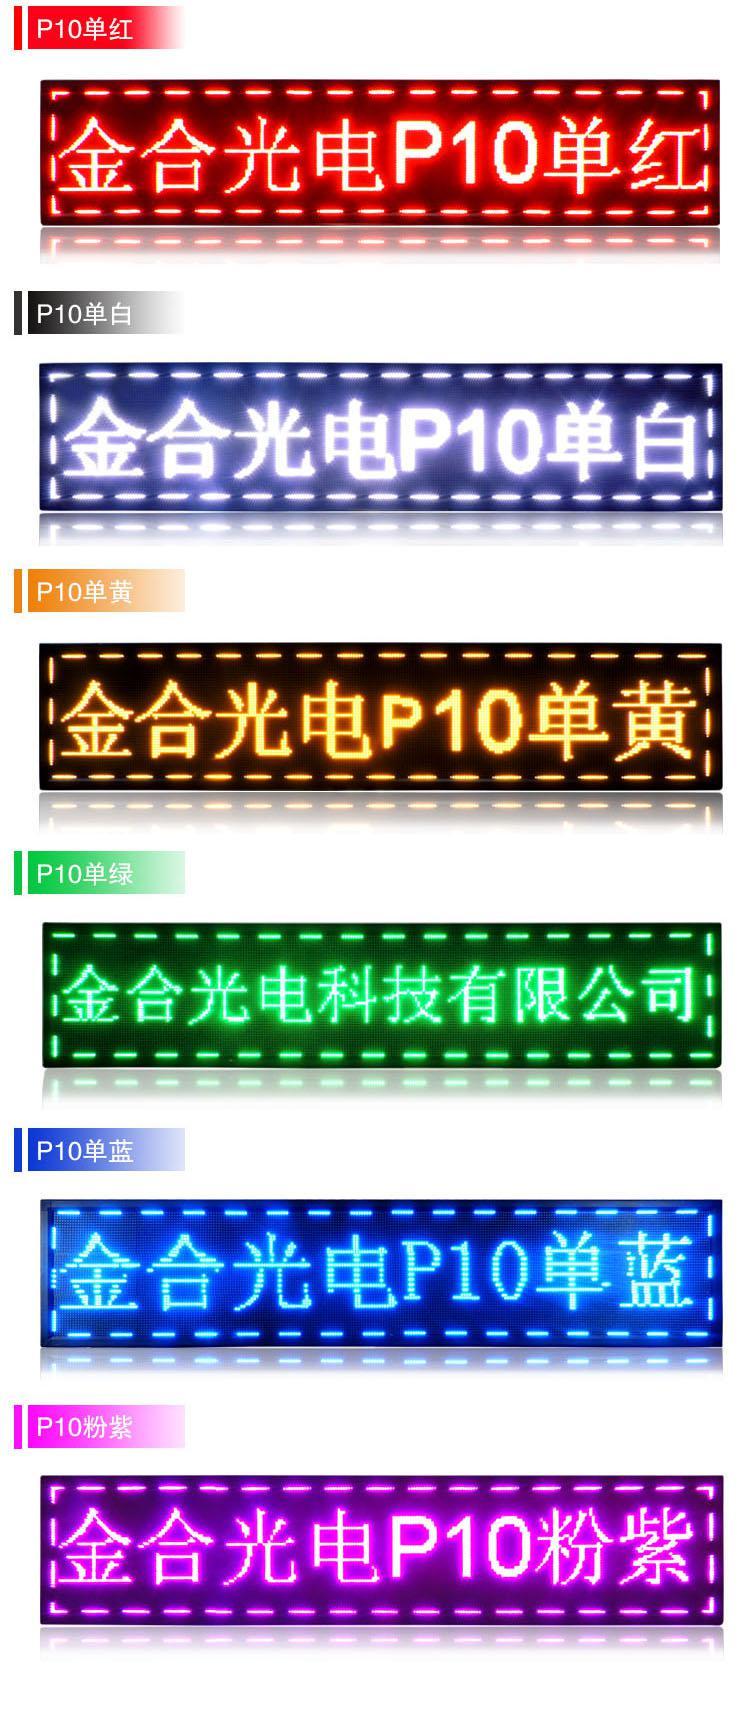 أدى سعر المصنع شبه اللون الأصفر في الهواء الطلق تتحرك توقيع الرسالة مع منفذ USB 25 * 105cm